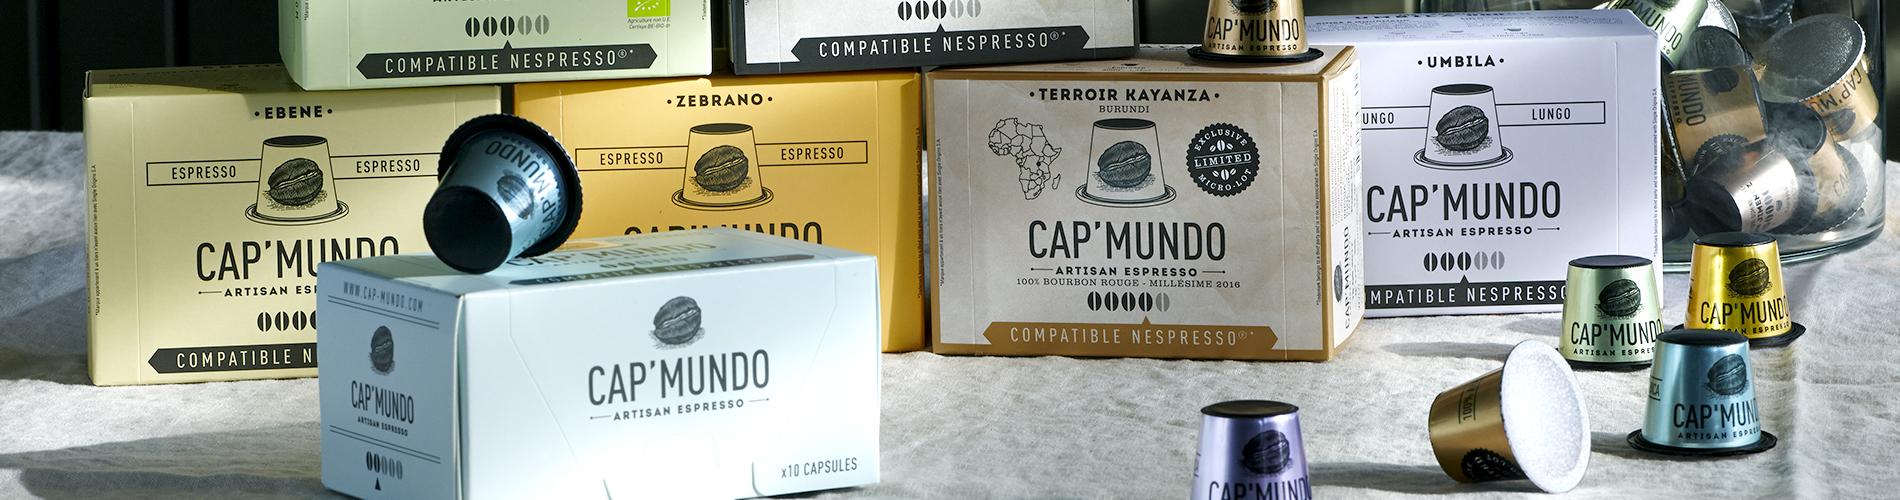 BANNIERE-CAP-MUNDO Cap Mundo